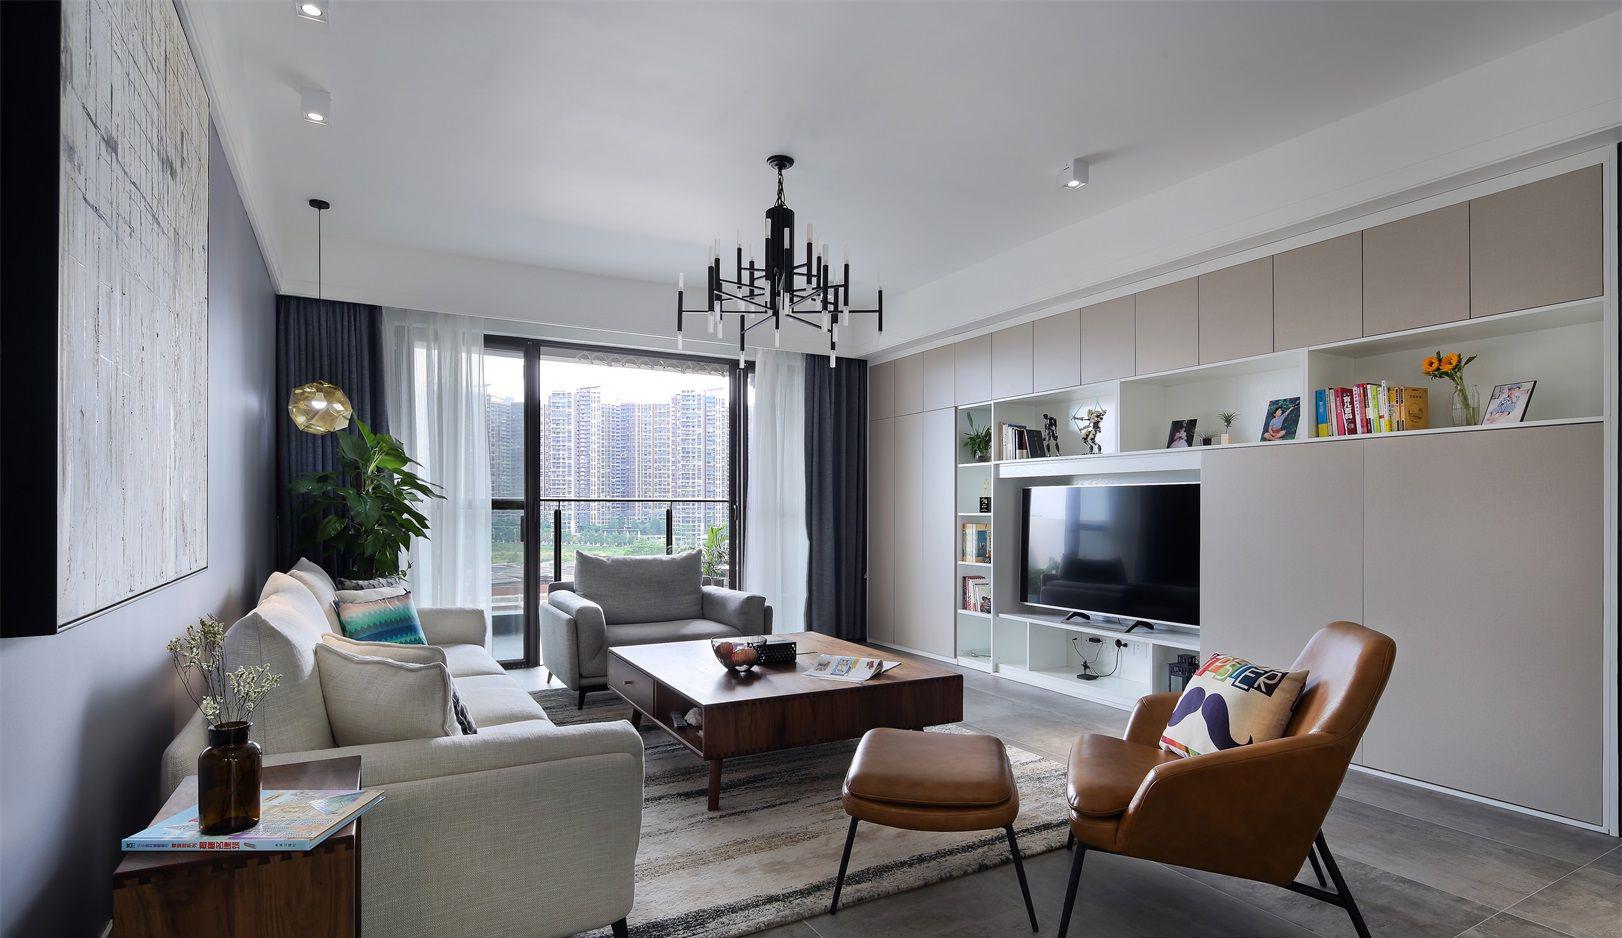 客厅的整体来看,采用了浅色的装饰色调,这种浅色色调能够让人感觉到空间的开阔和明朗